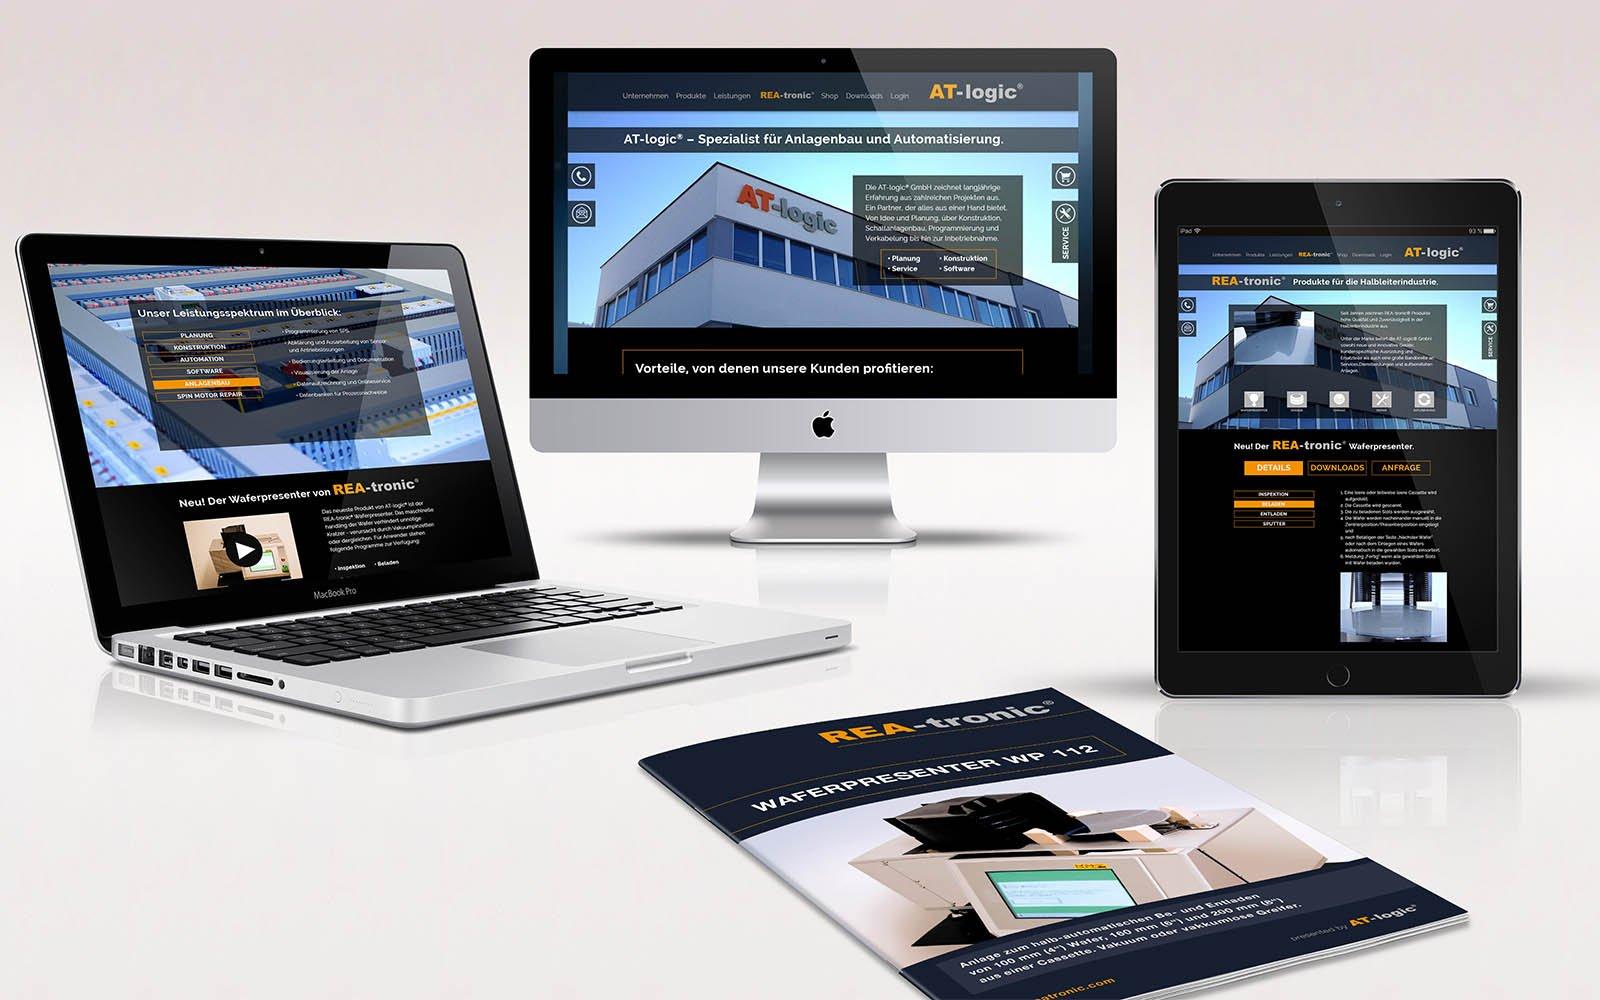 AT-logic-website